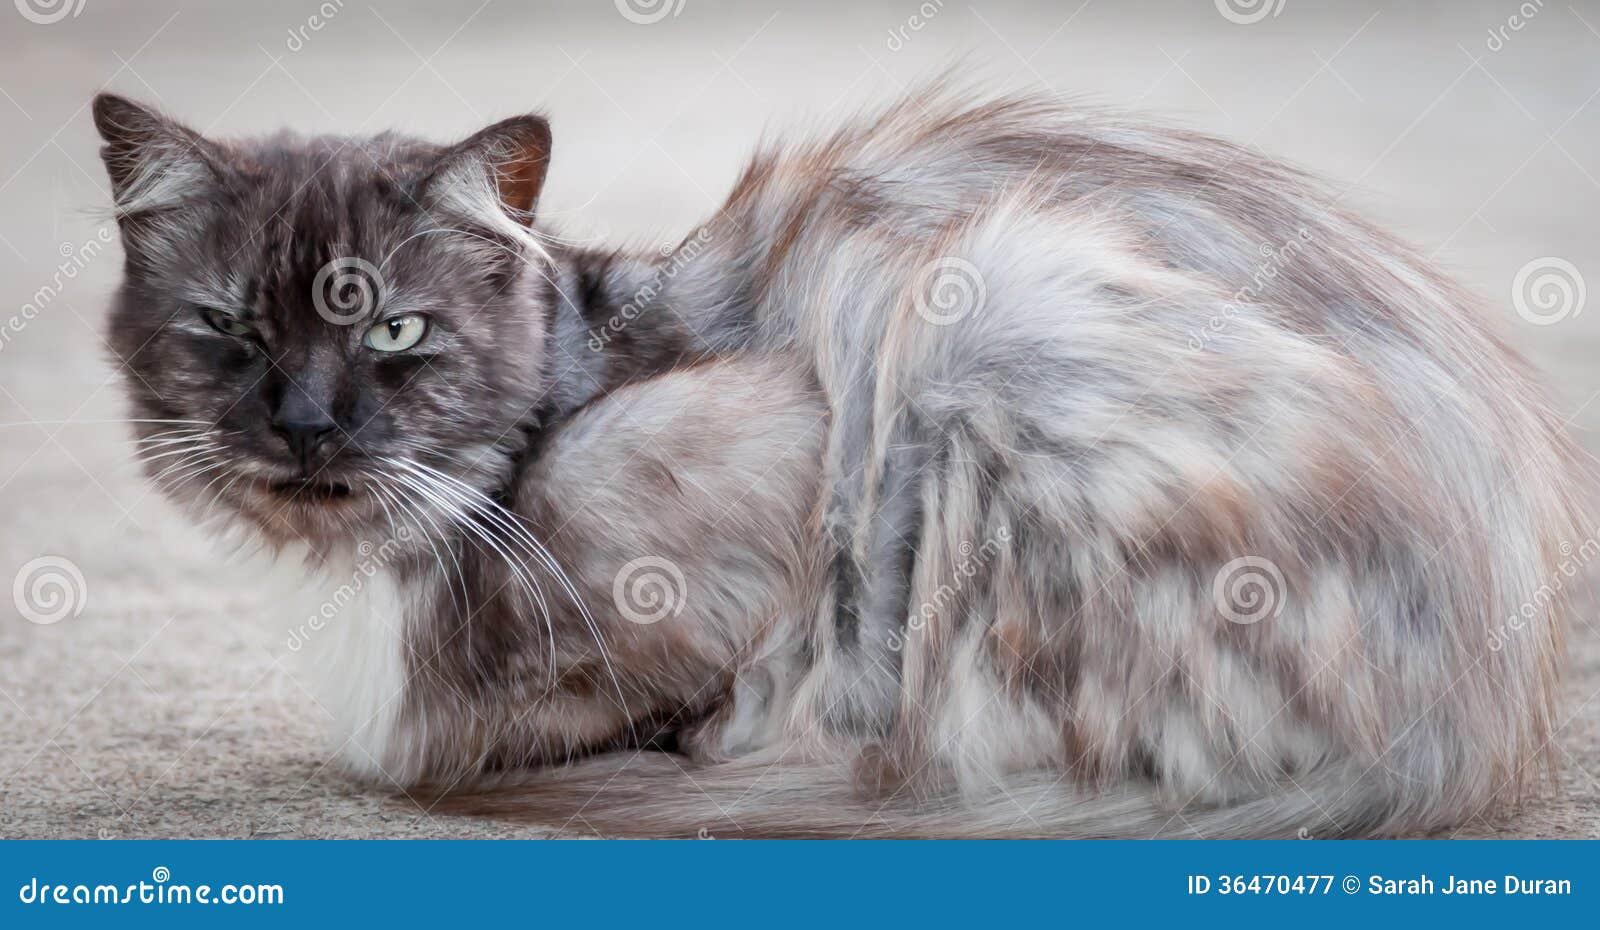 ragdoll cat rescue ny